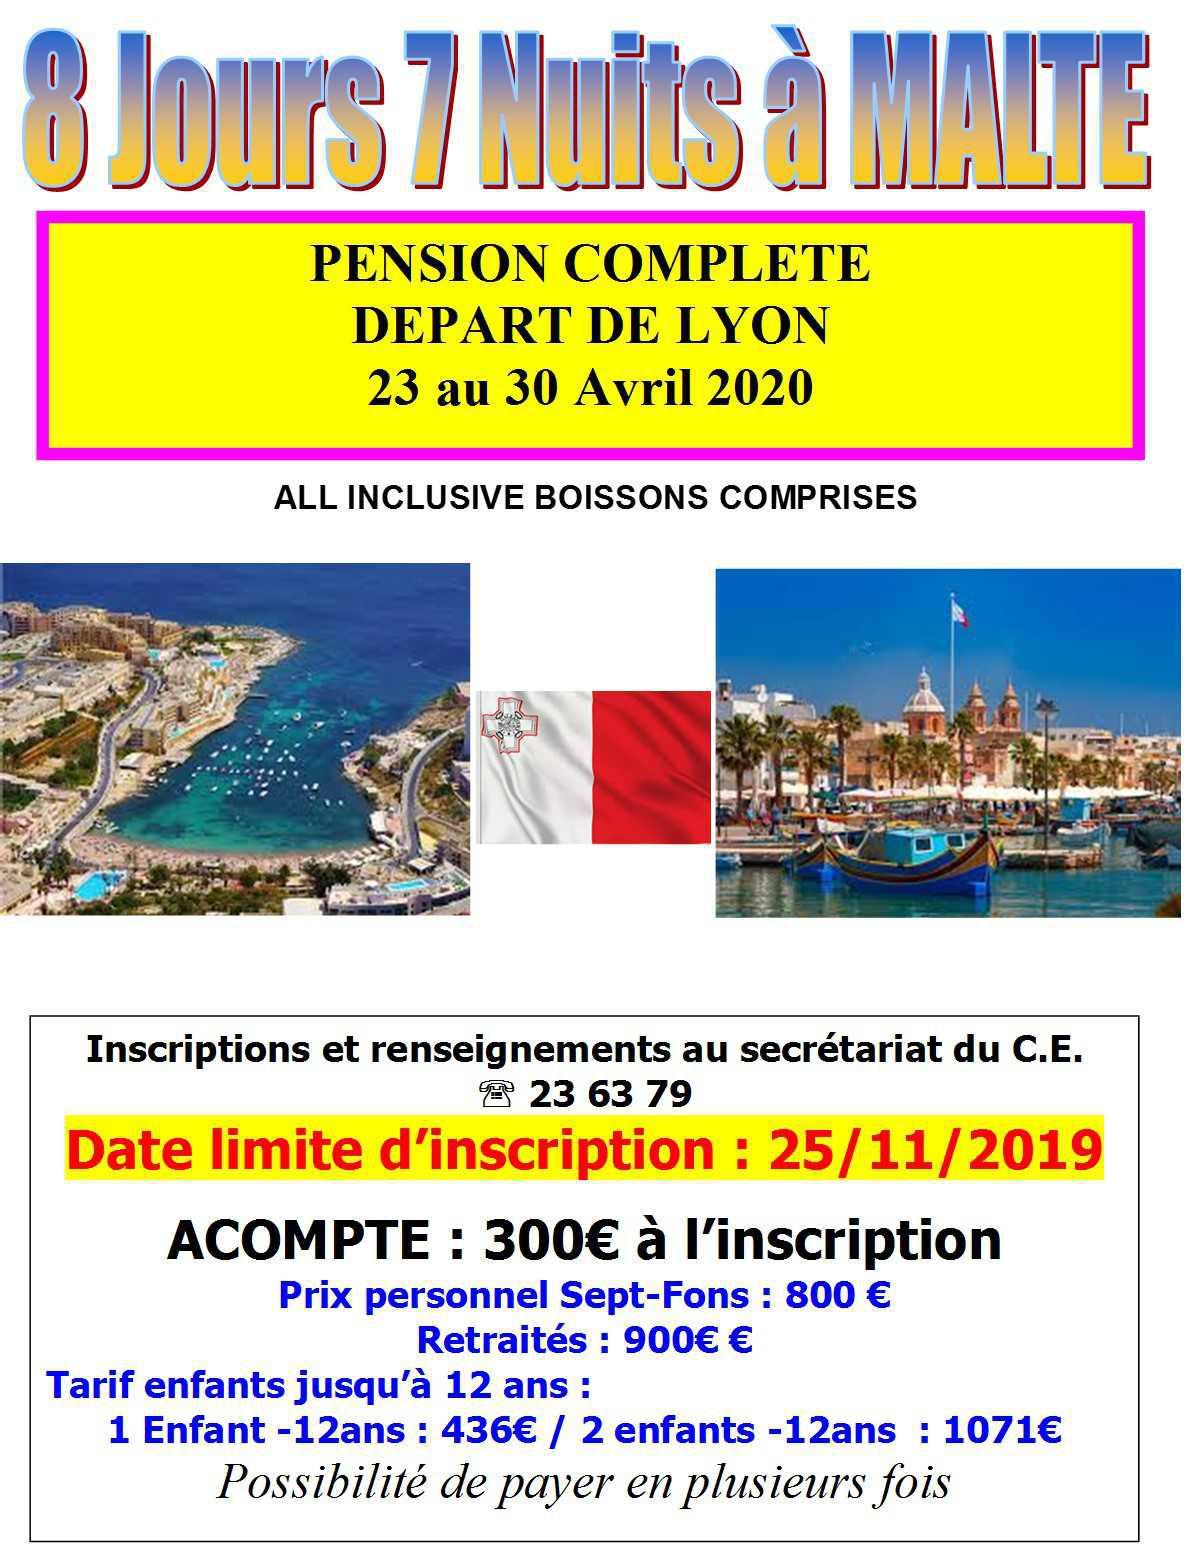 Voyage à MALTE du 23 au 30 avril 2020 >> Les personnes intéressées doivent absolument s'inscrire et confirmer leur participation au séjour à MALTE en AVRIL 2020 avant le 5 Décembre